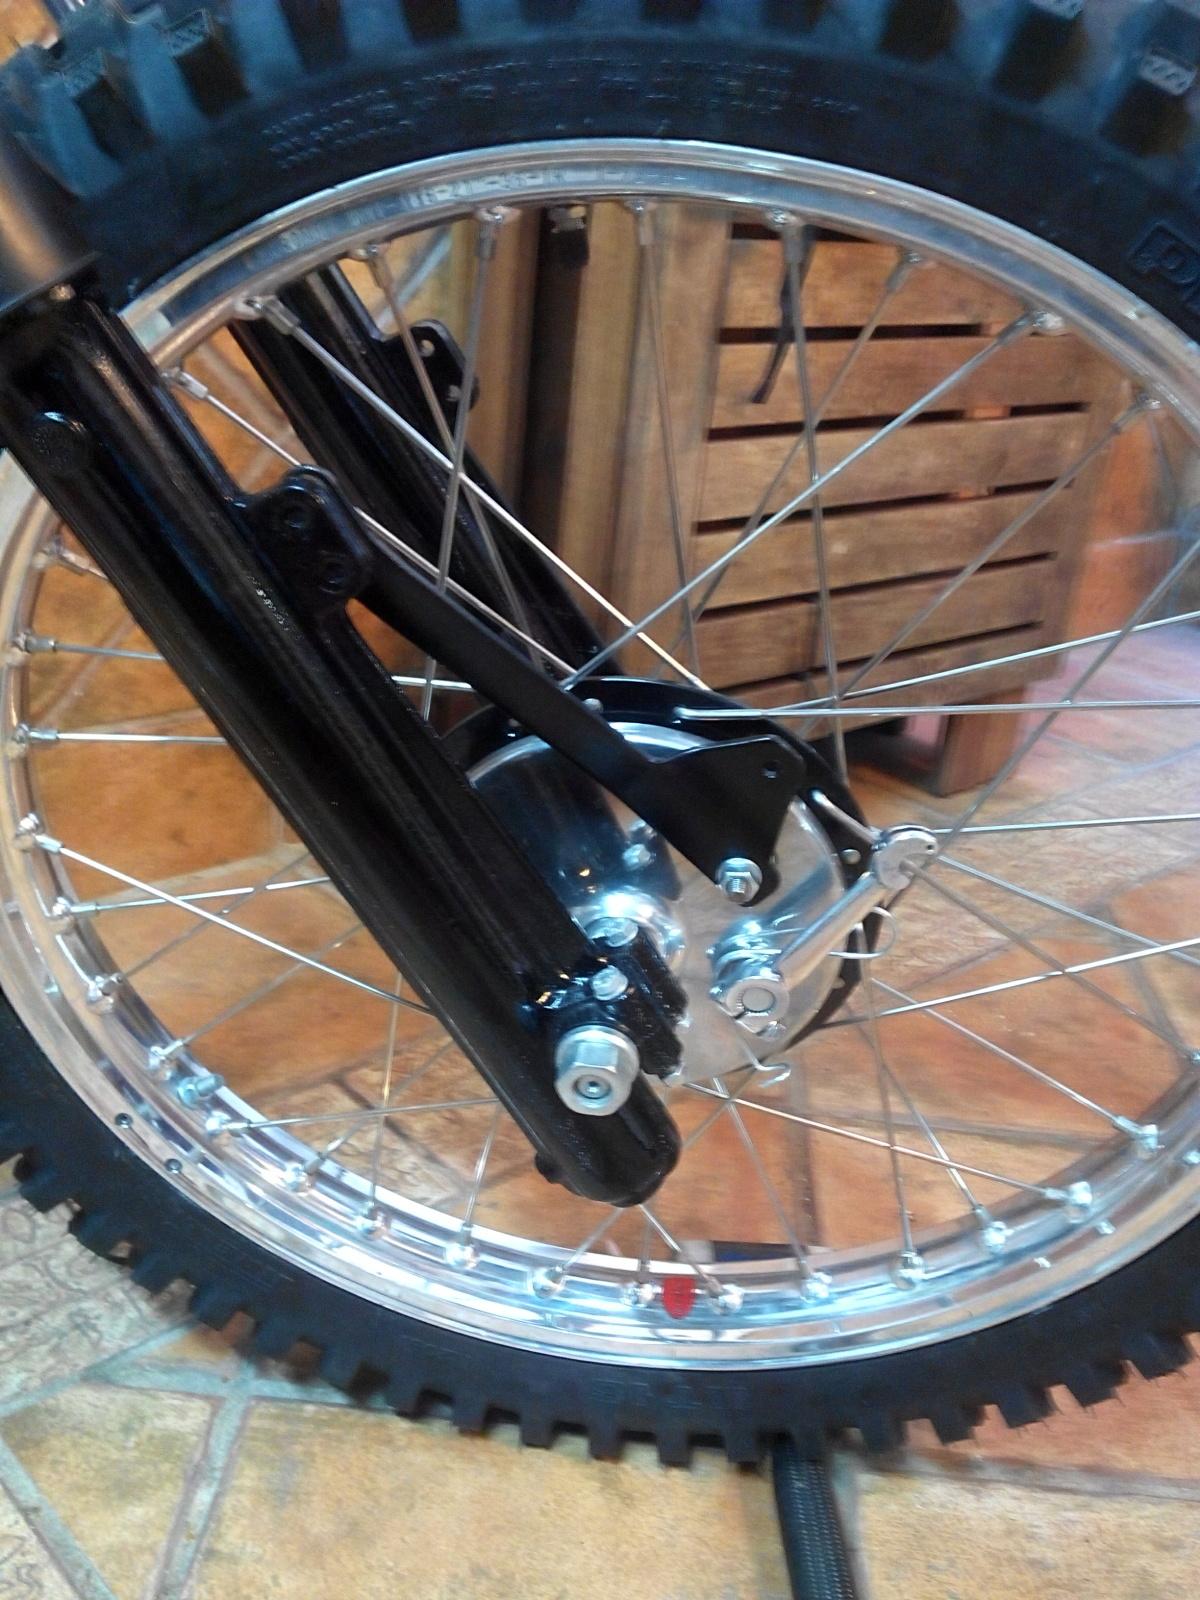 Bultaco MK11 370 - Motor - Página 3 2hp81hf